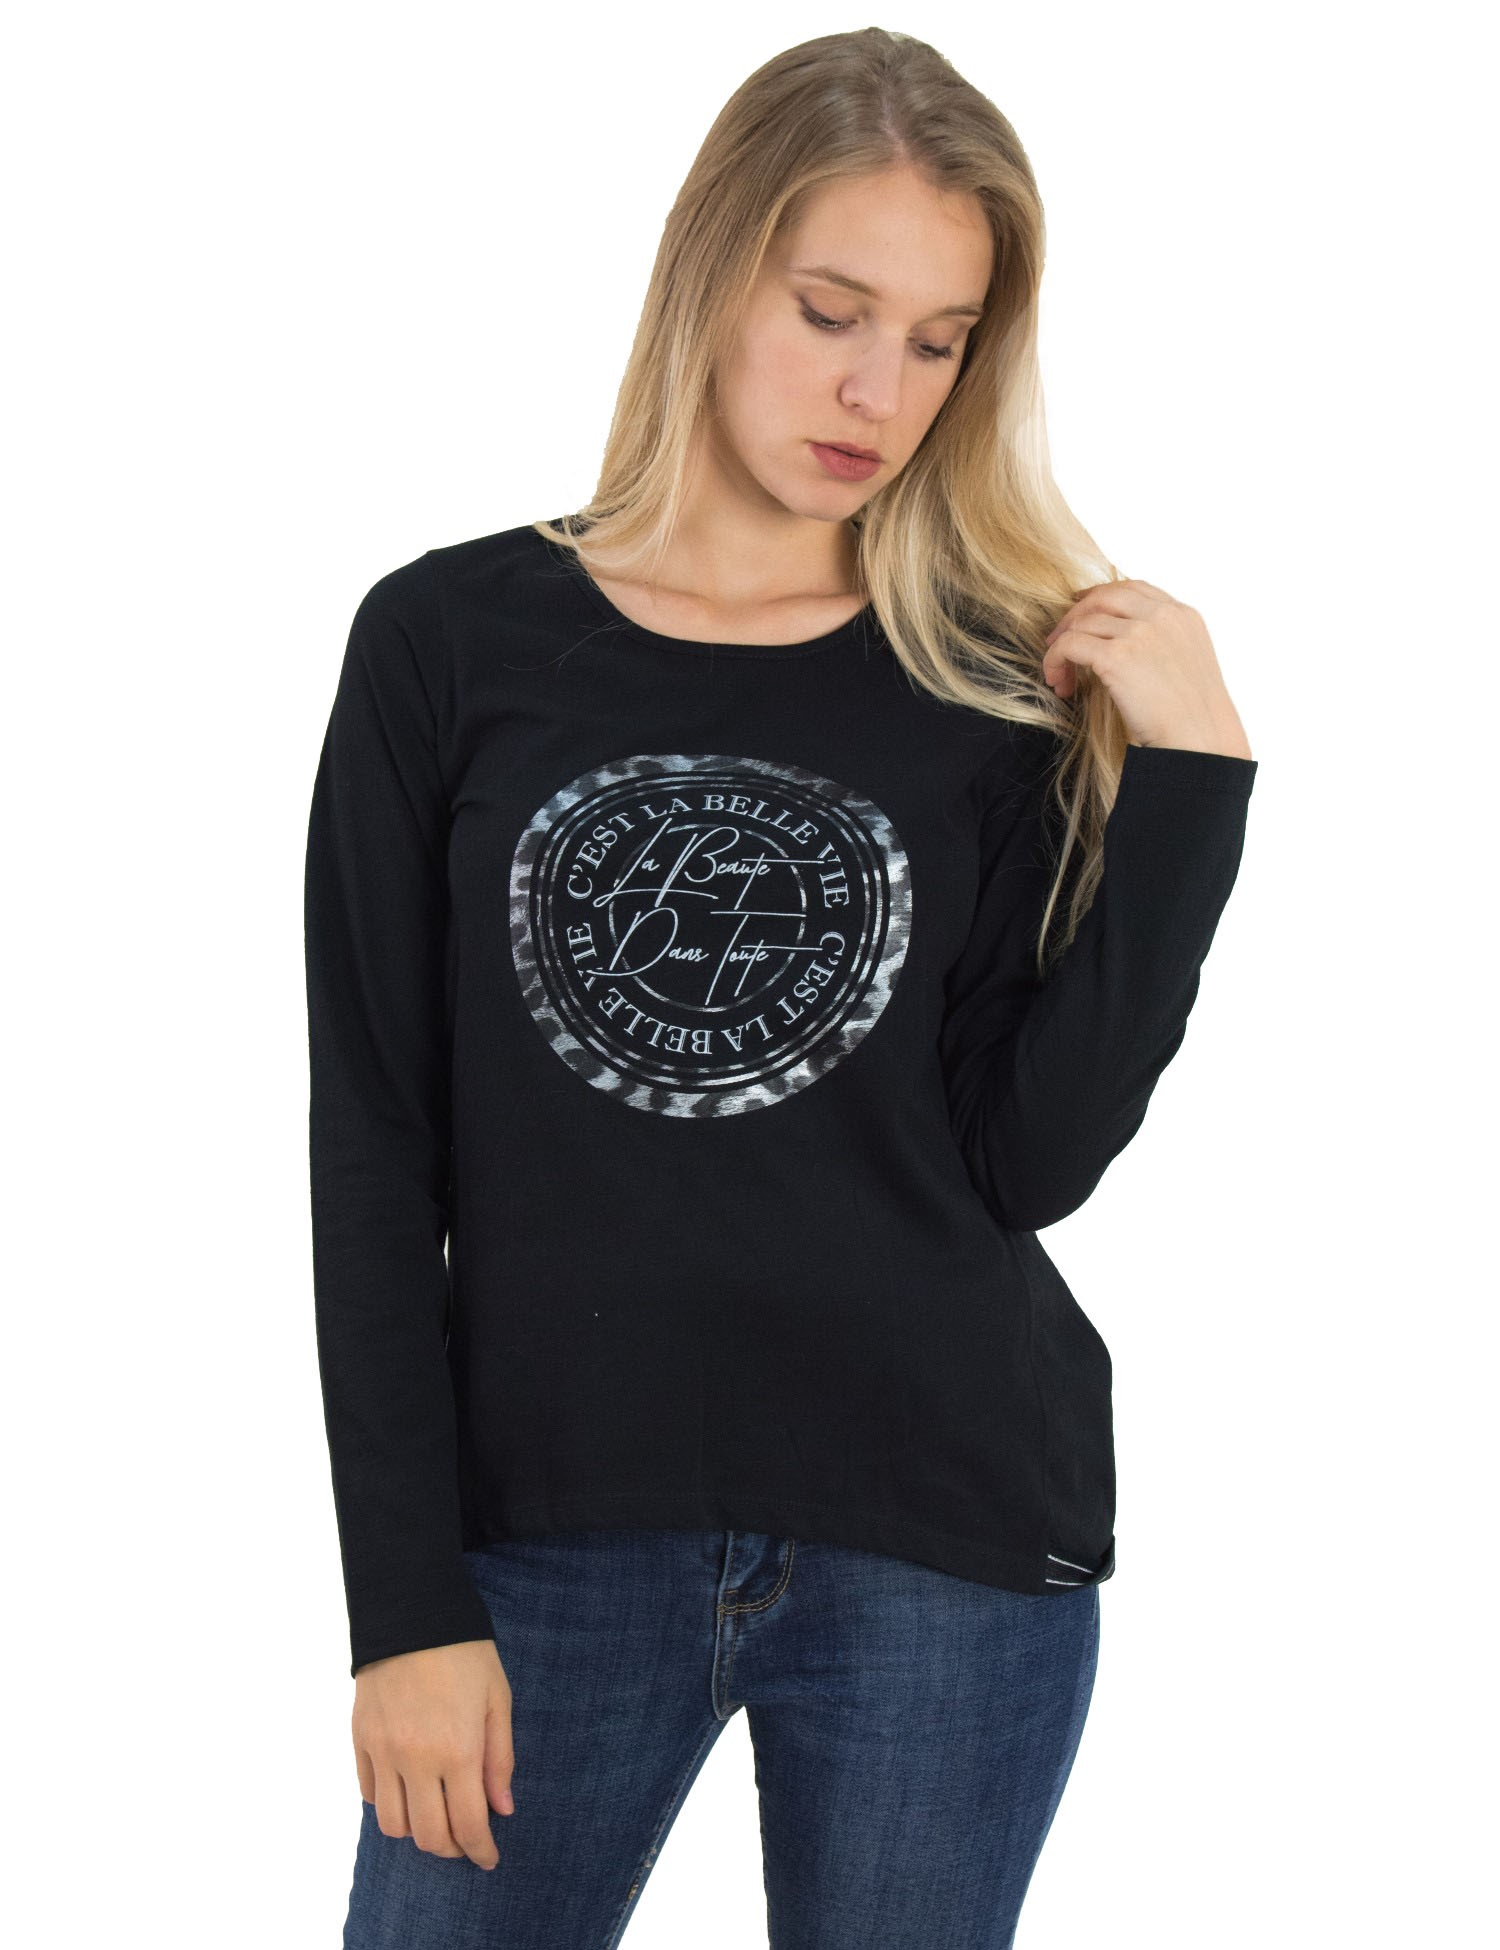 dd405a50ff8f Γυναικεία μαύρη βαμβακερή μπλούζα Lipsy τύπωμα 21800020G - Glami.gr